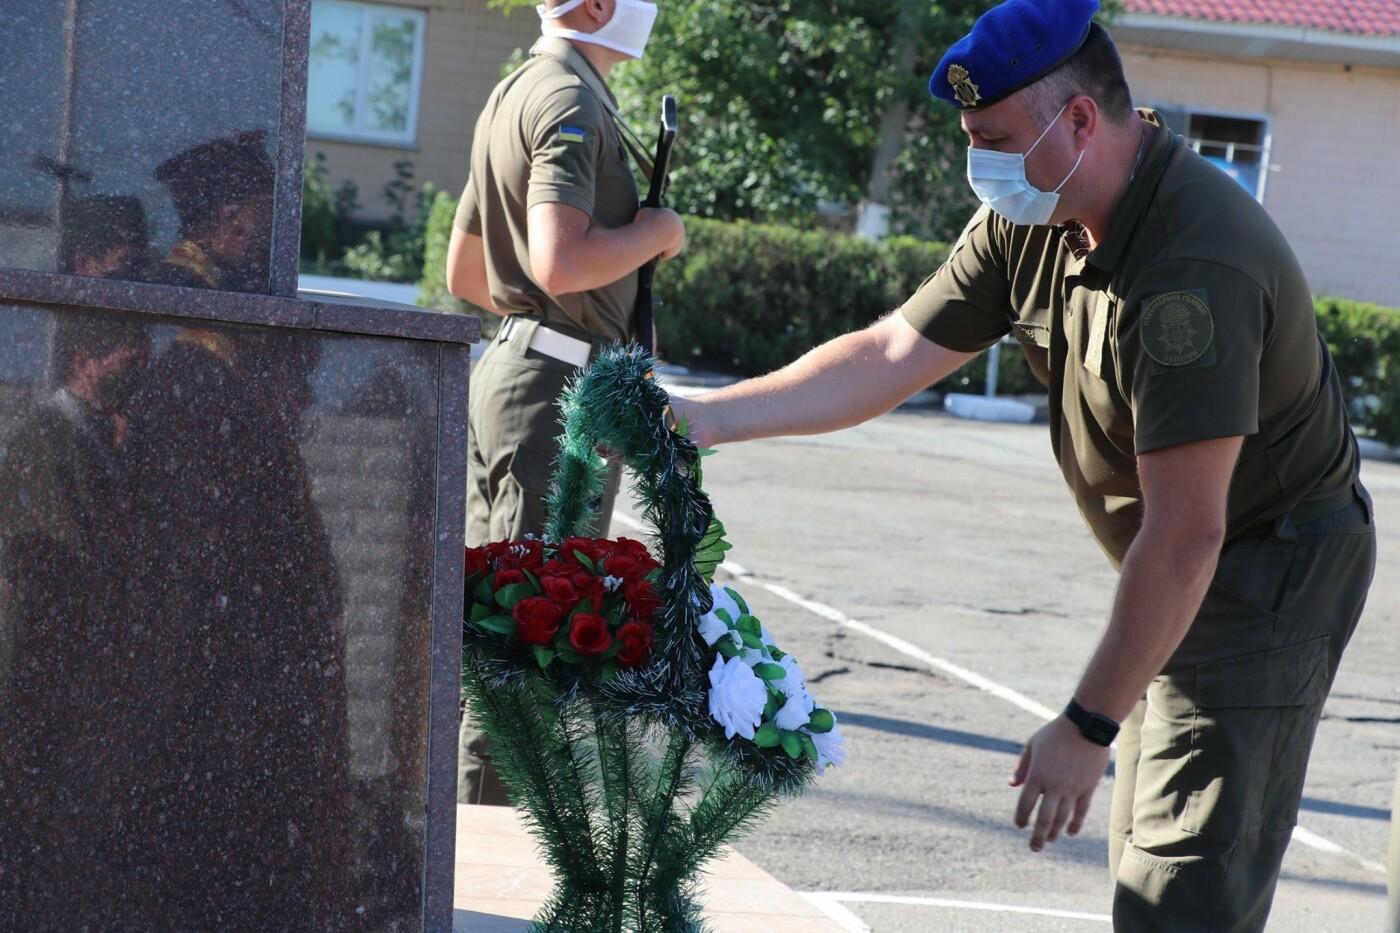 В Кривом Роге нацгвардейцы почтили память погибших побратимов, - ФОТО, фото-1